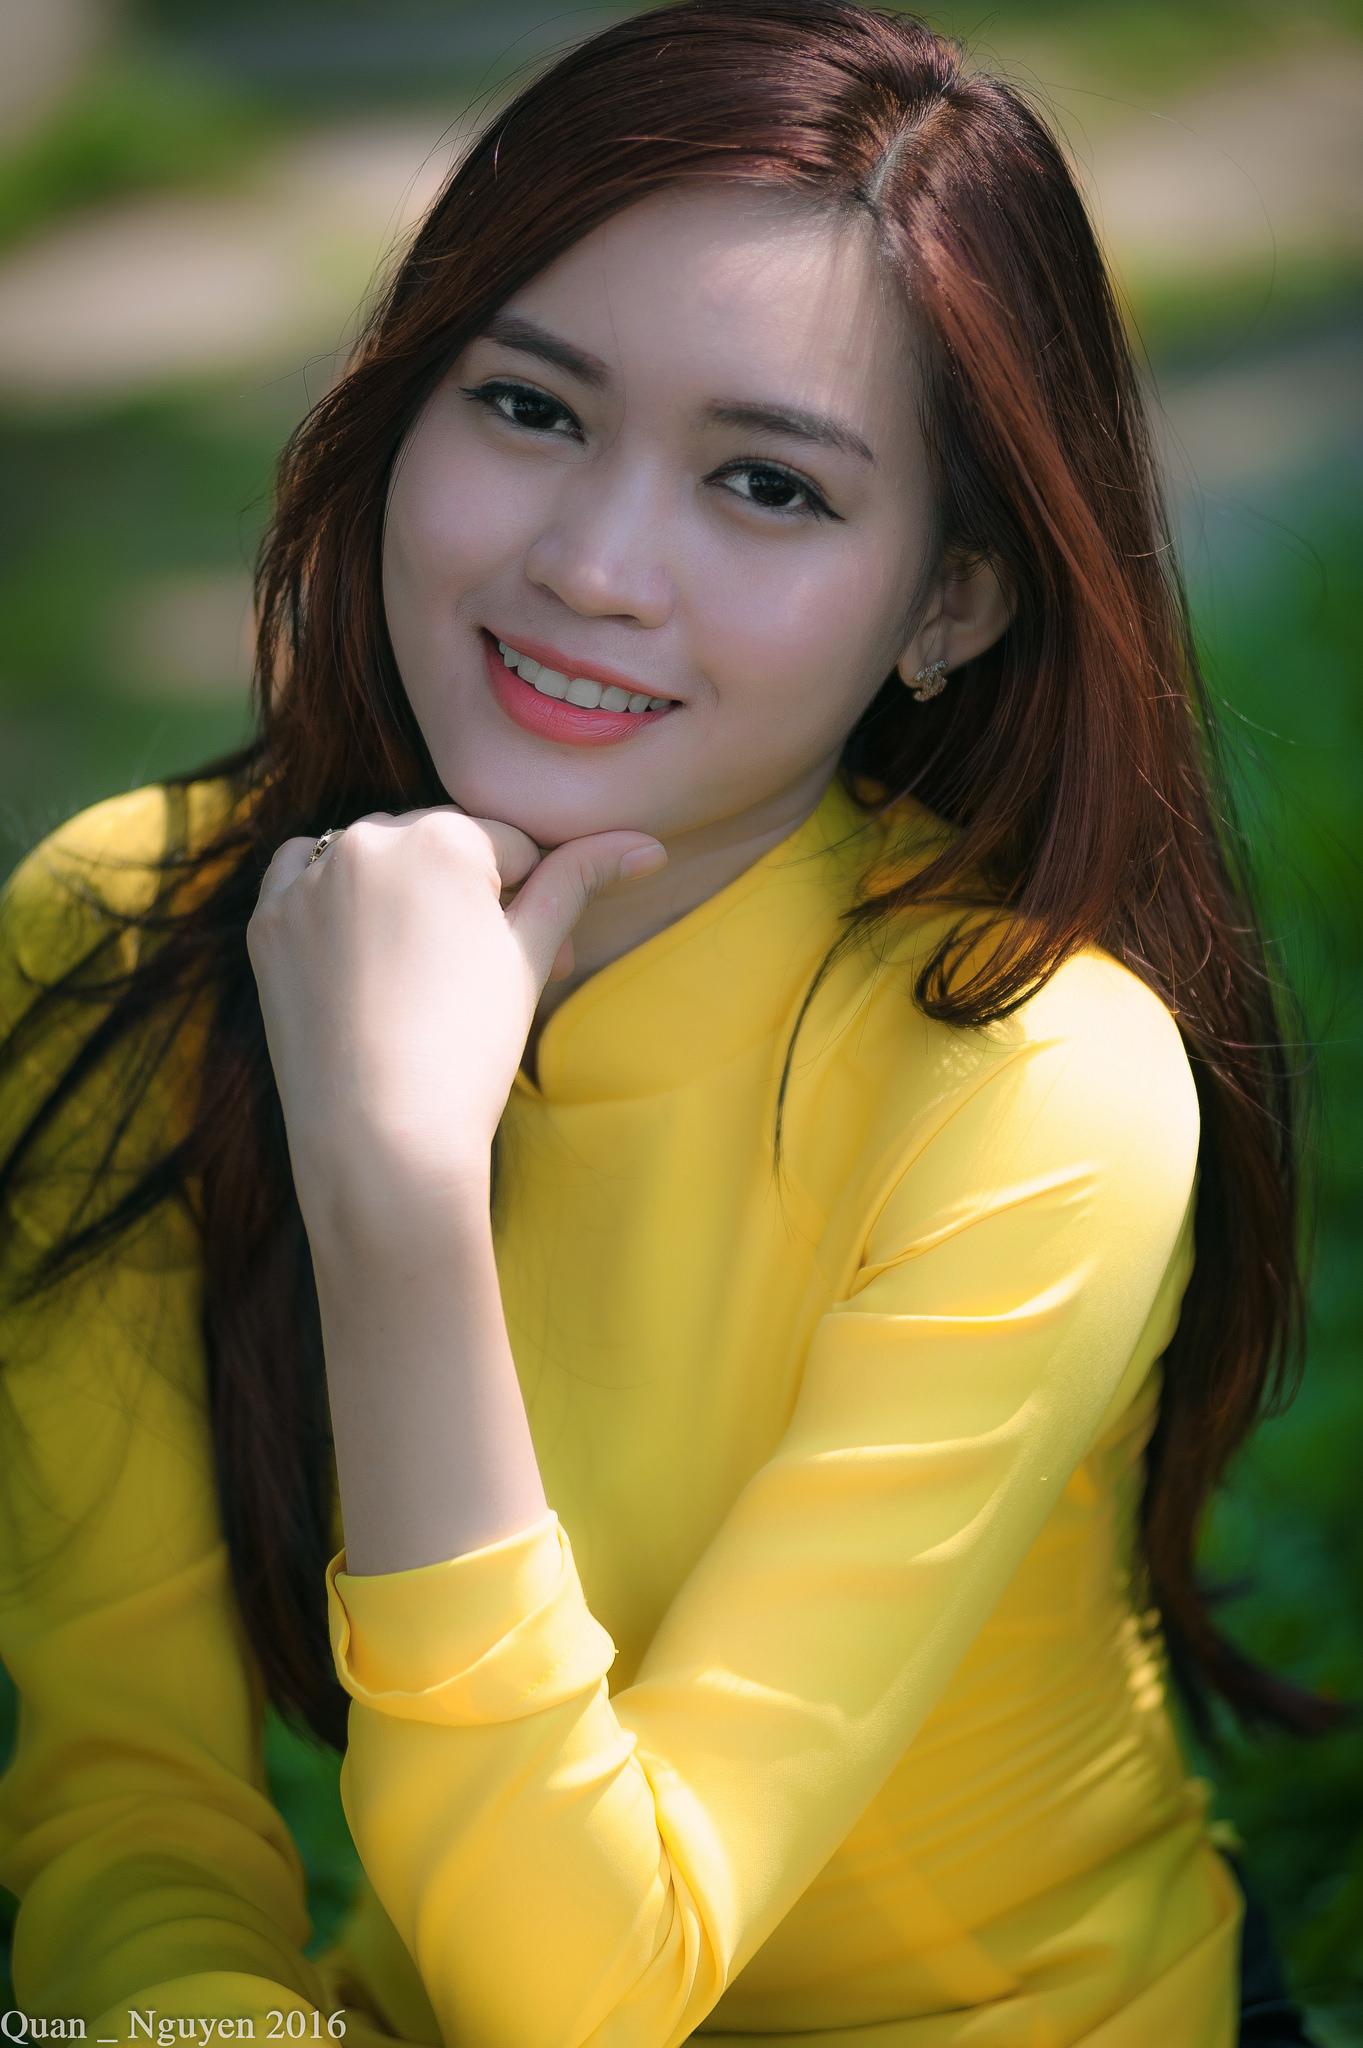 Tuyển tập girl xinh gái đẹp Việt Nam mặc áo dài đẹp mê hồn #60 - 6